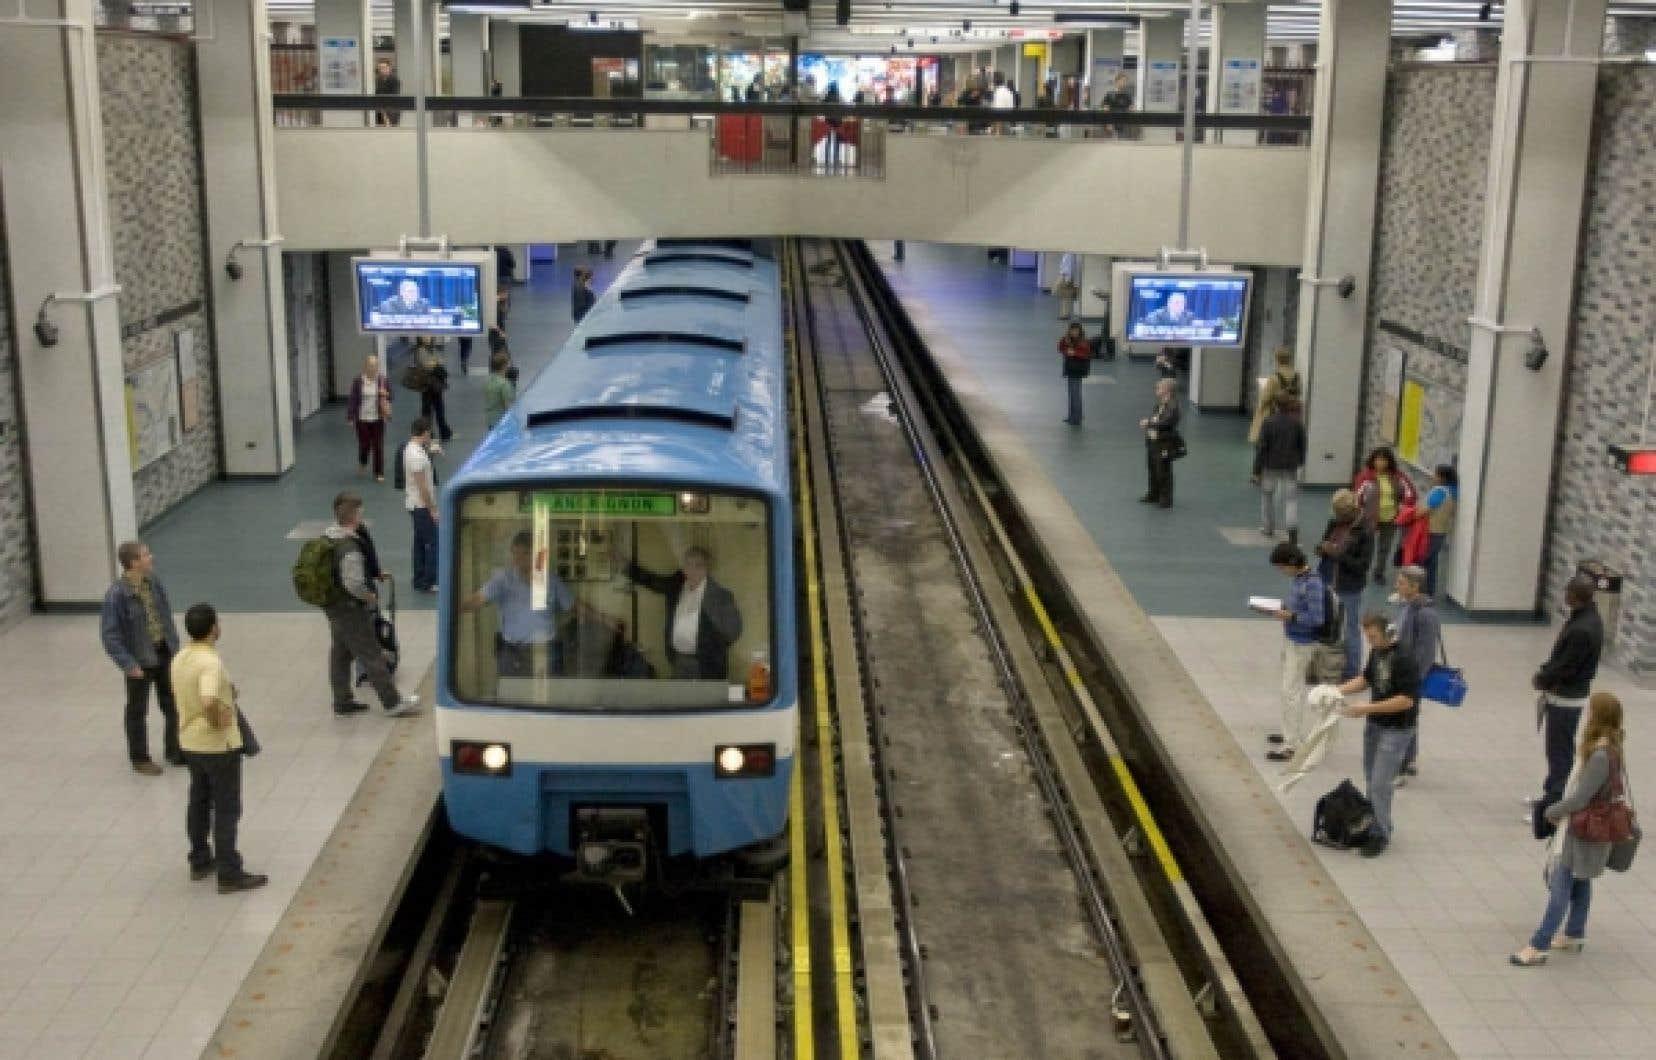 L'argent investi dans les transports en commun crée trois fois plus d'emplois que l'argent injecté dans le transport par voiture, selon la Chambre de commerce de Montréal.<br />